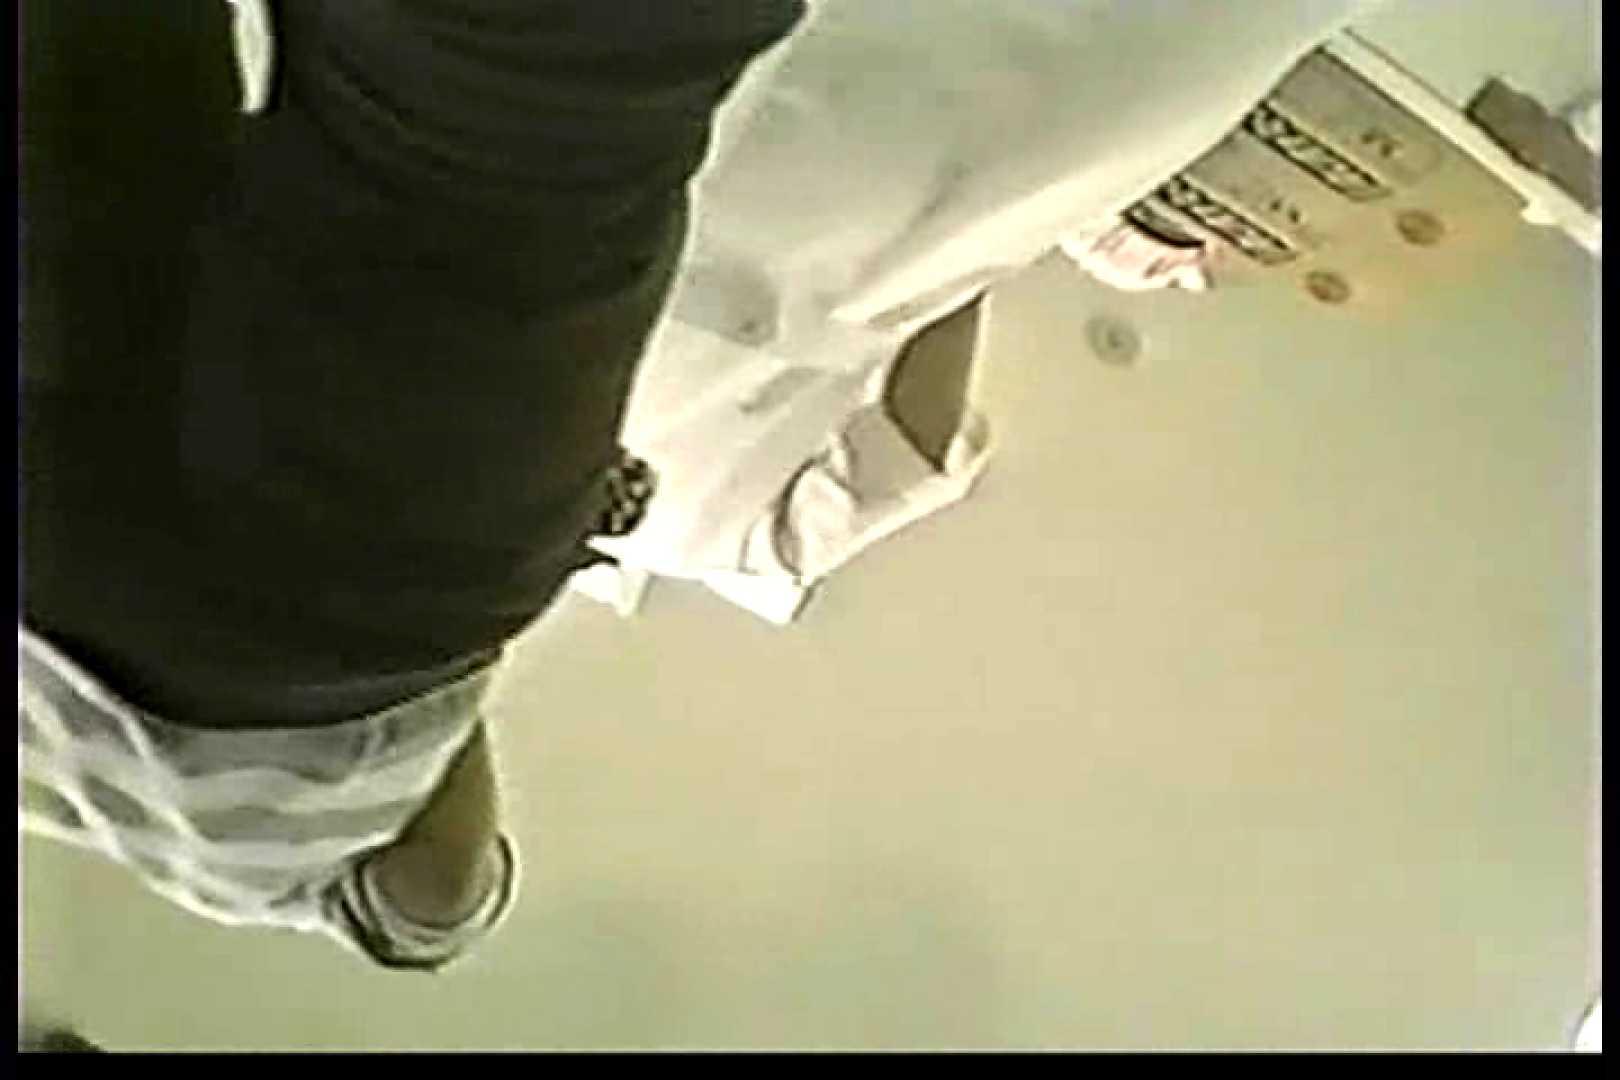 院内密着!看護婦達の下半身事情Vol.1 パンツ大放出 覗きぱこり動画紹介 47pic 20